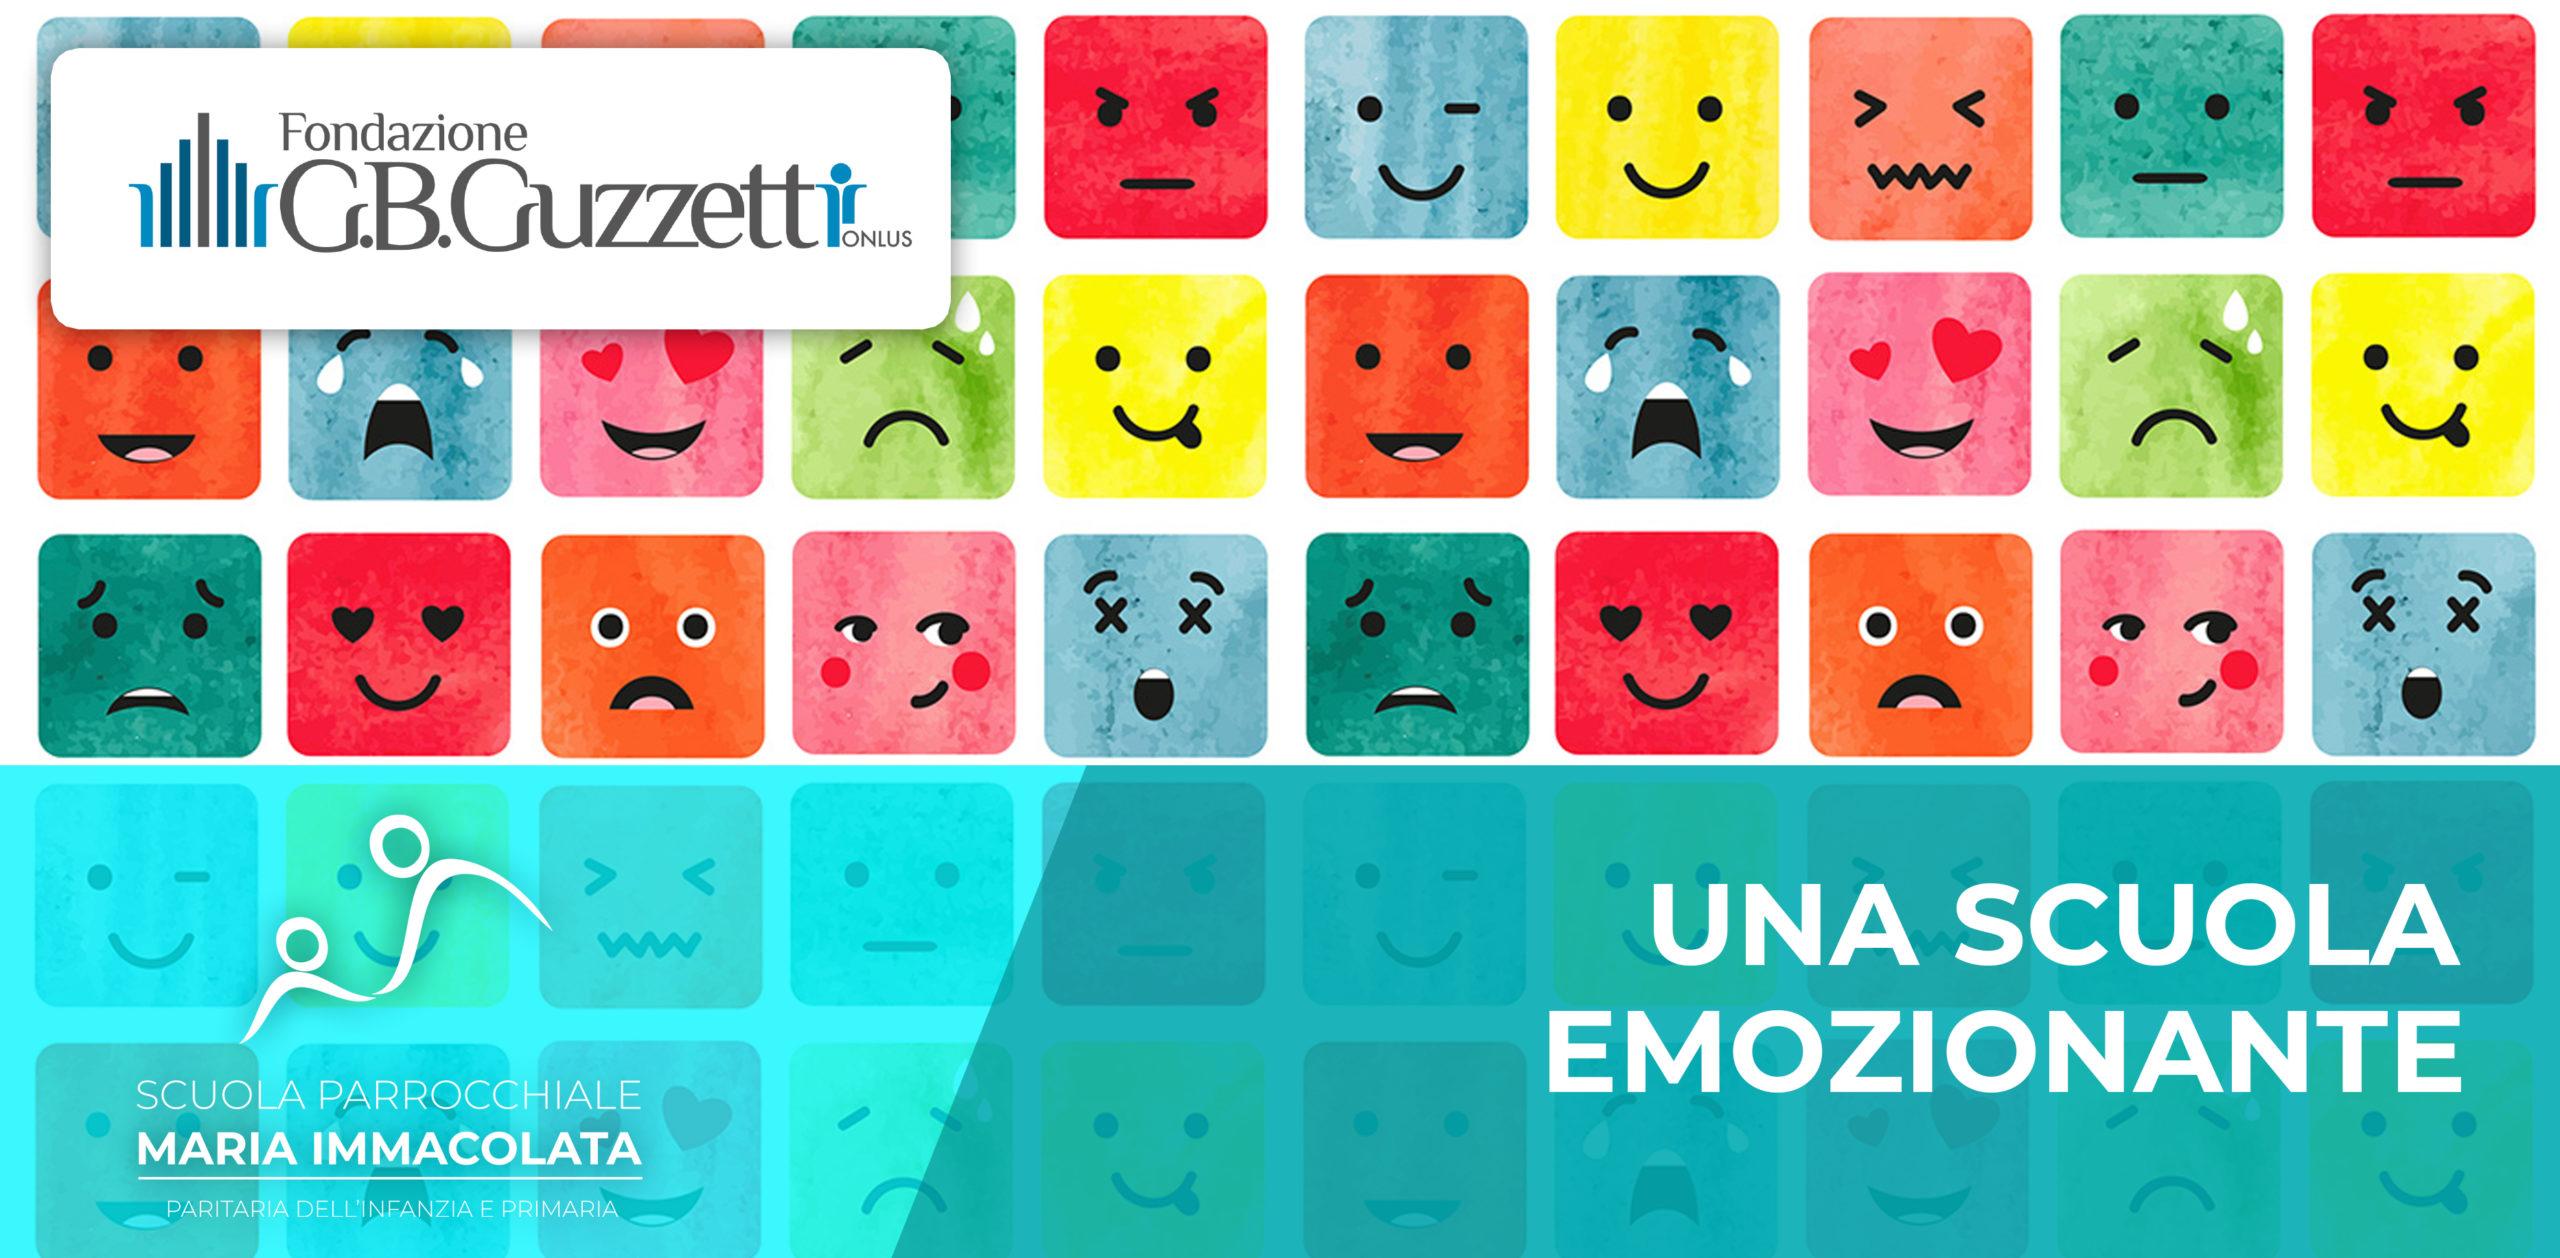 Progetto per la classe 3°: Una scuola emozionante – Incontri sulla gestione delle emozioni (DATE AGGIORNATE)